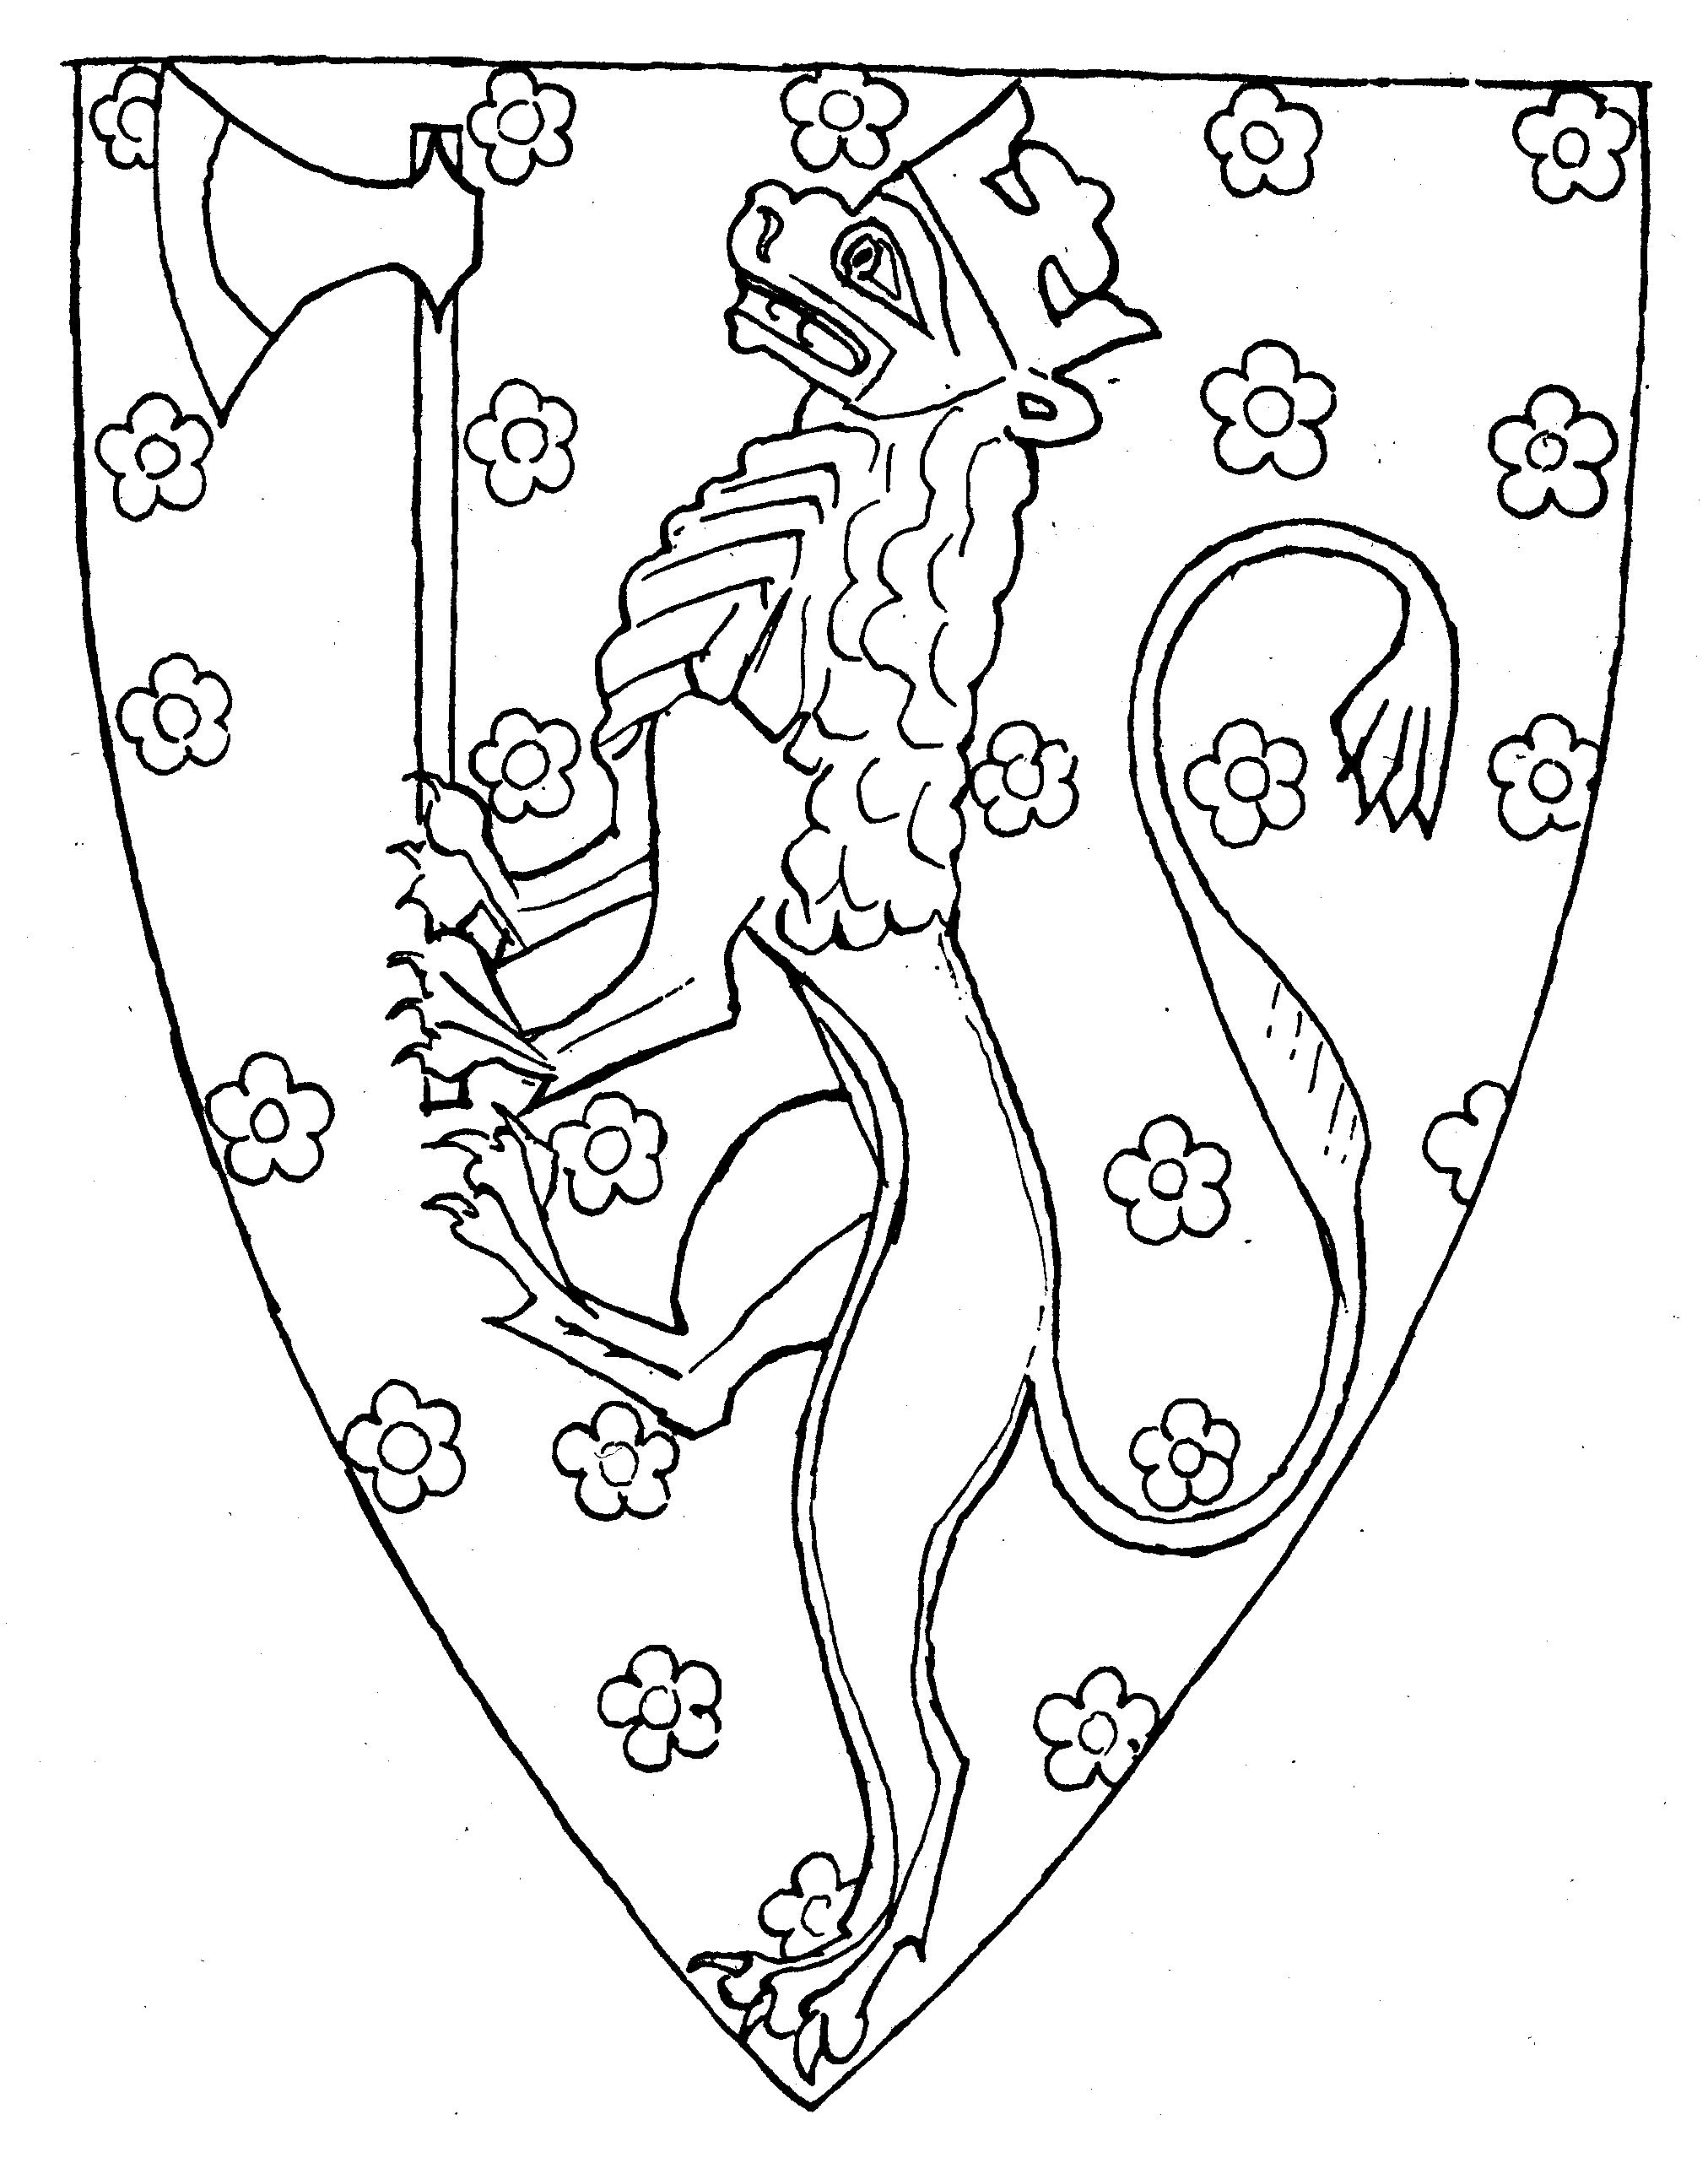 Riksløven meed roser